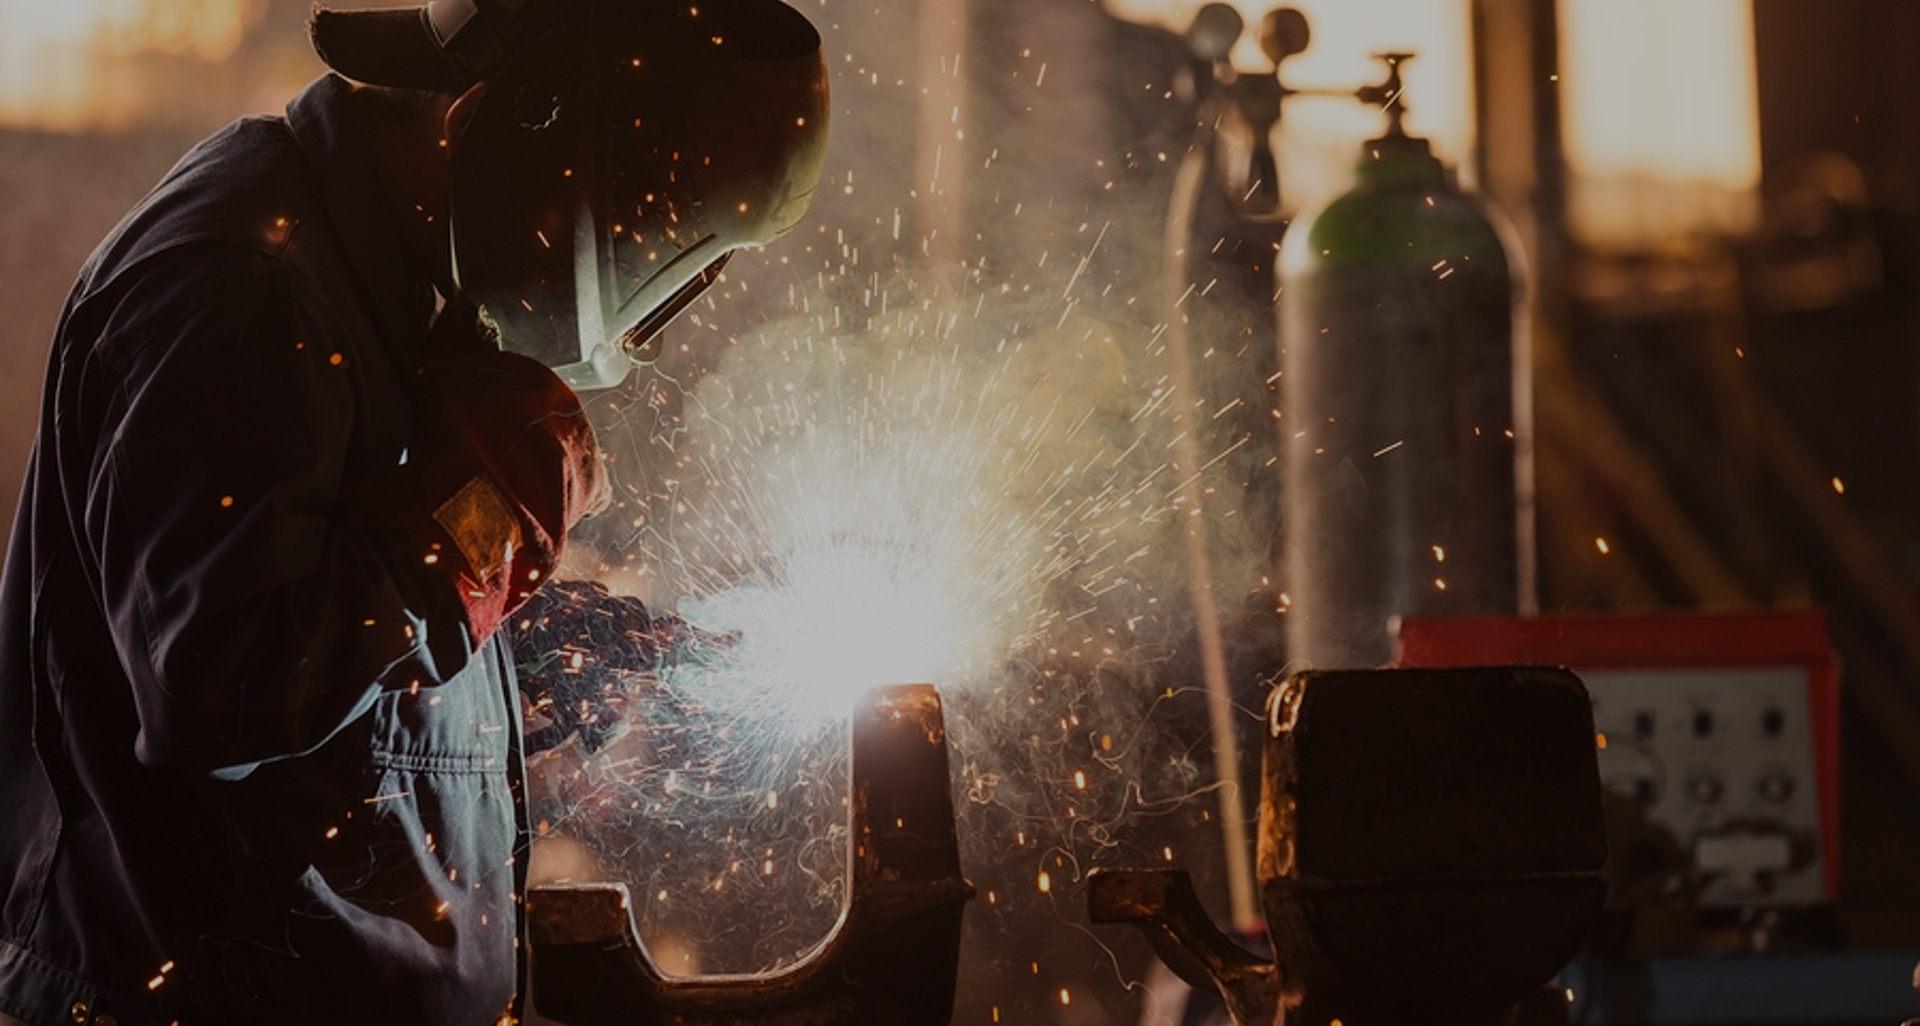 ipari elszívó pályázat, steril levegő a munkahelyen, megfelelő elszívó választása